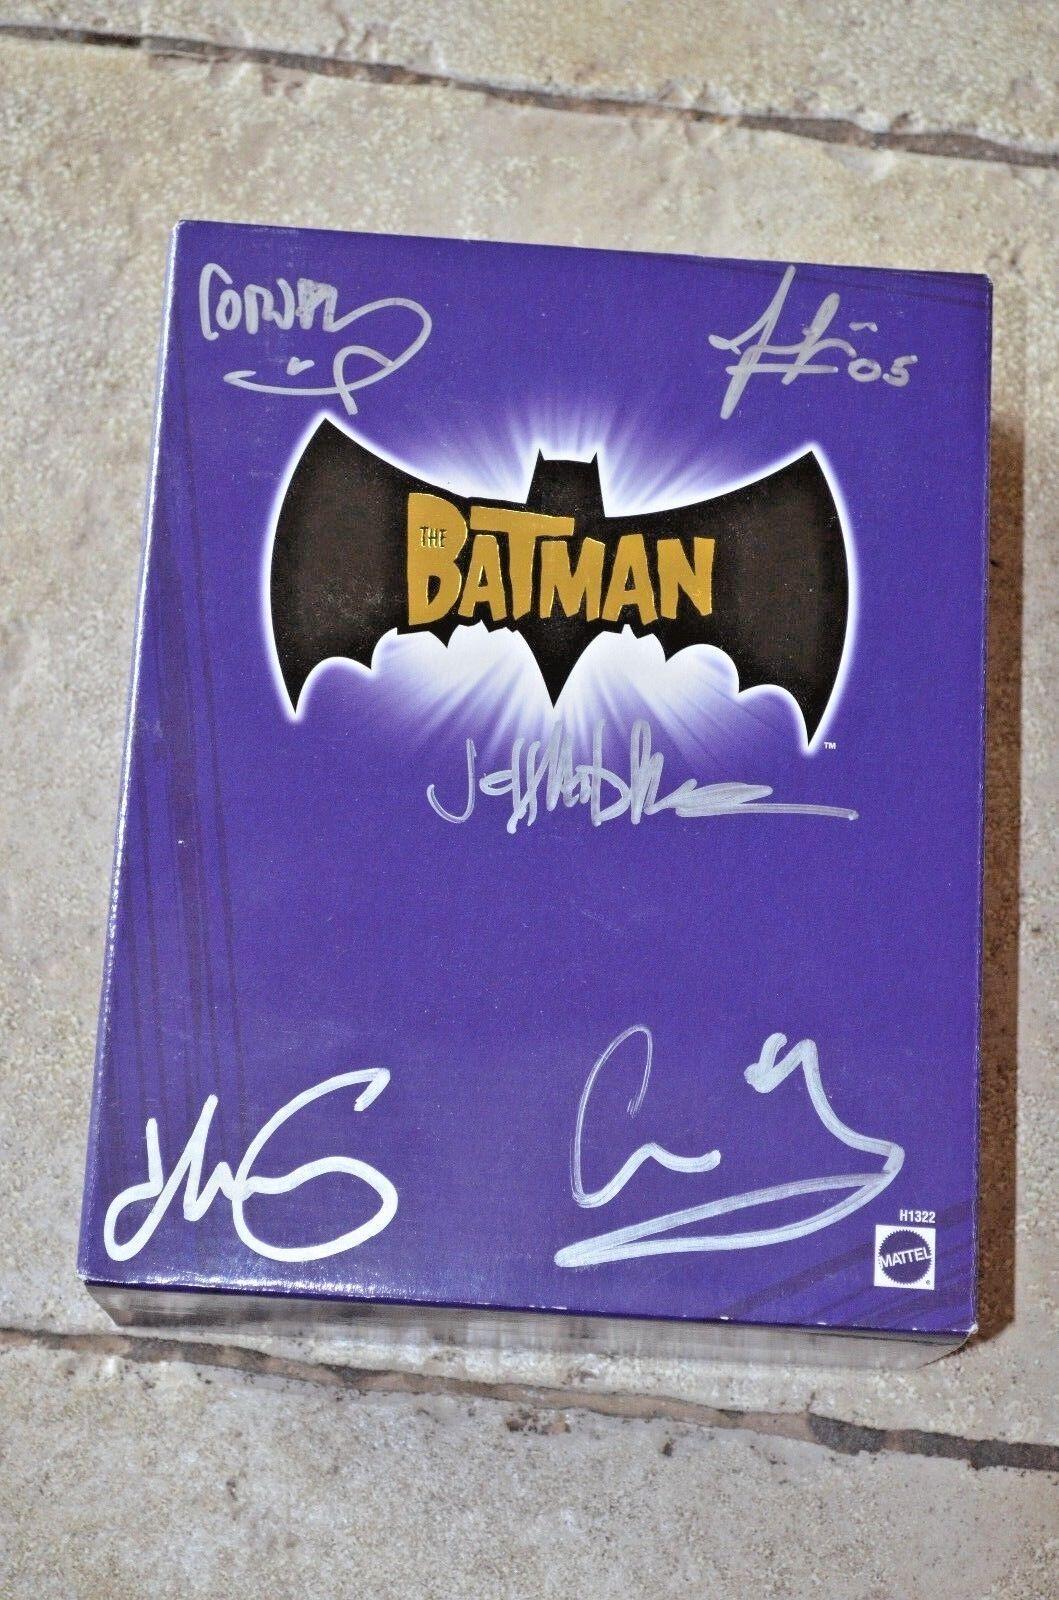 Der batman - comic - con exklusive catwoman zahl 2005 + box autogramme